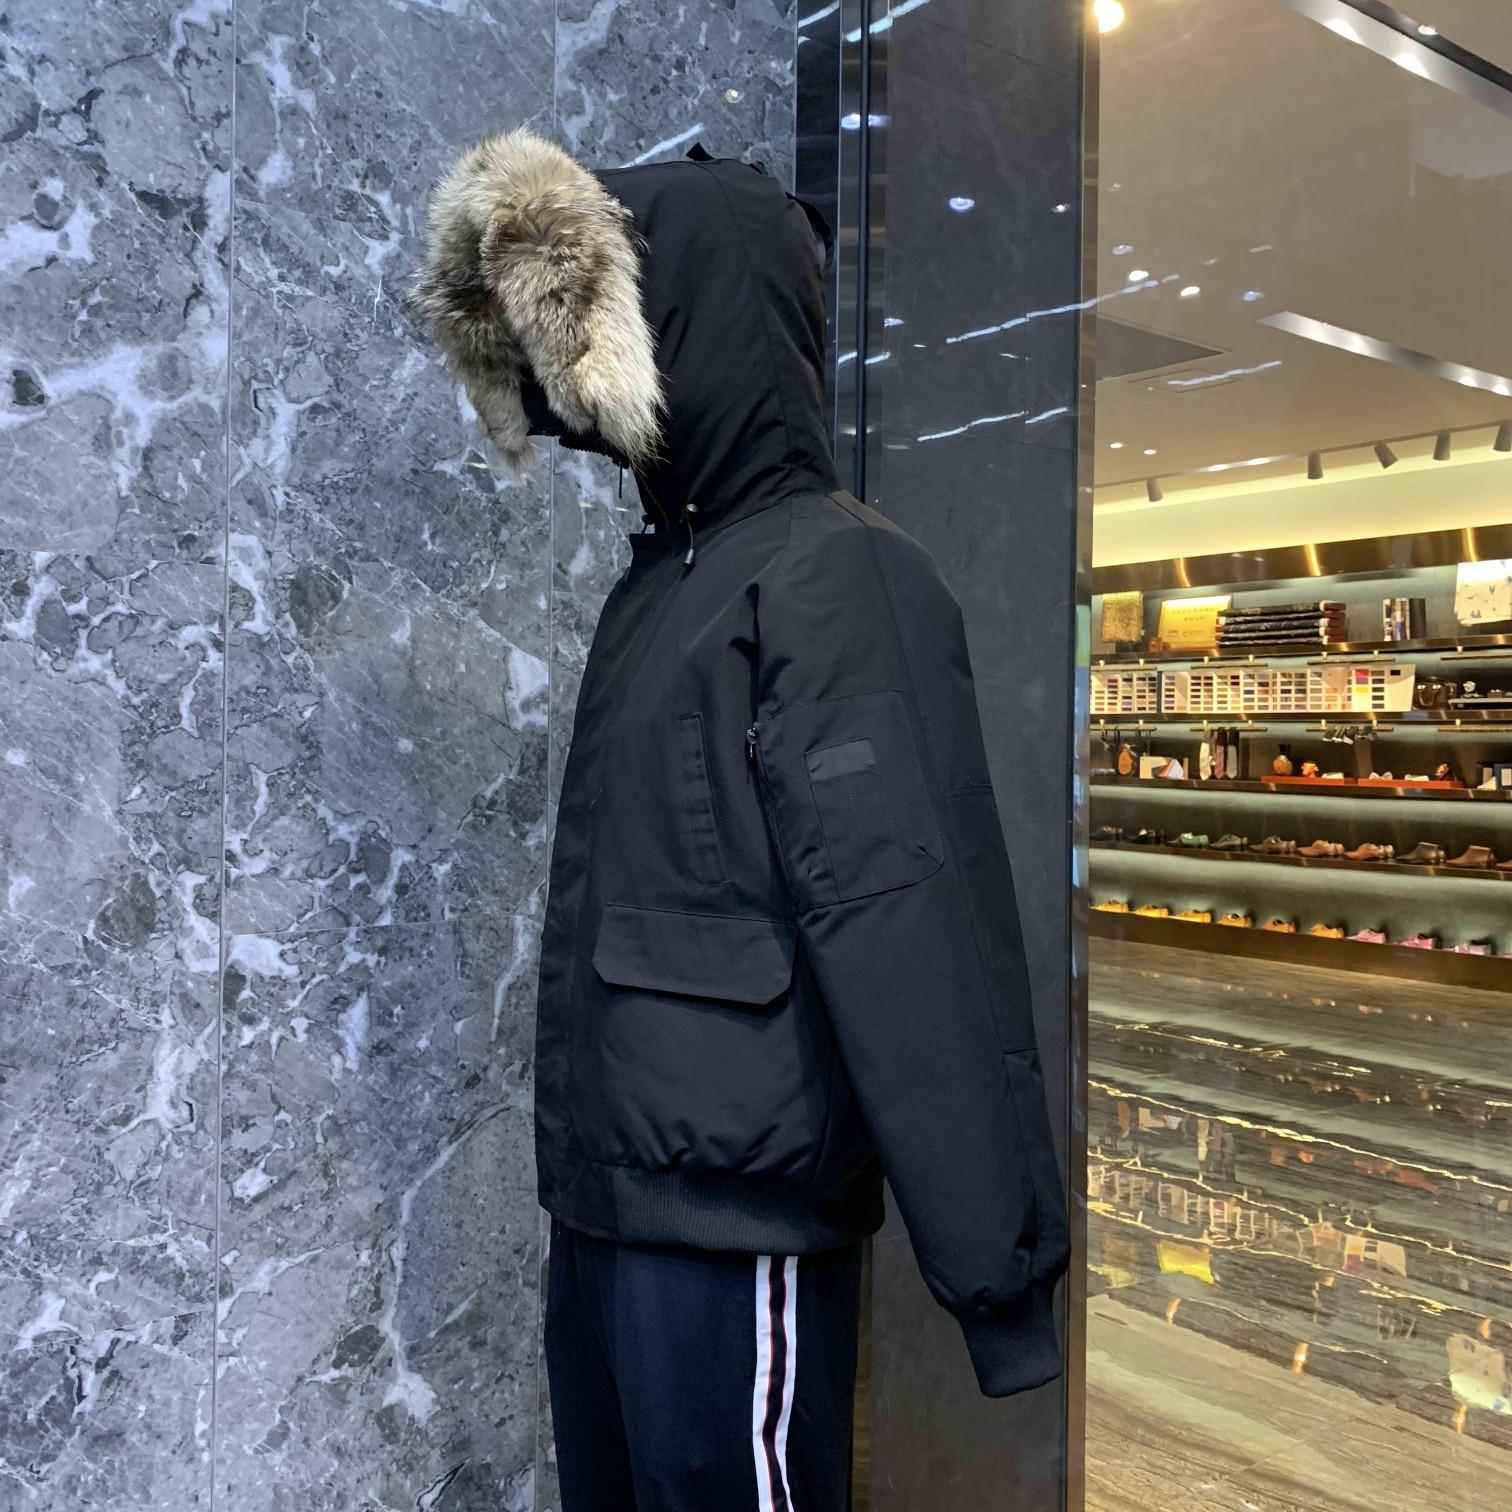 Hombre Invierno Bajo Chaqueta Capucha Capucha Real Lobo Piel Grueso Abrigo Douuune Homme Jackets Hombres Mujeres Parejas Parka Avance de nieve Abrigo